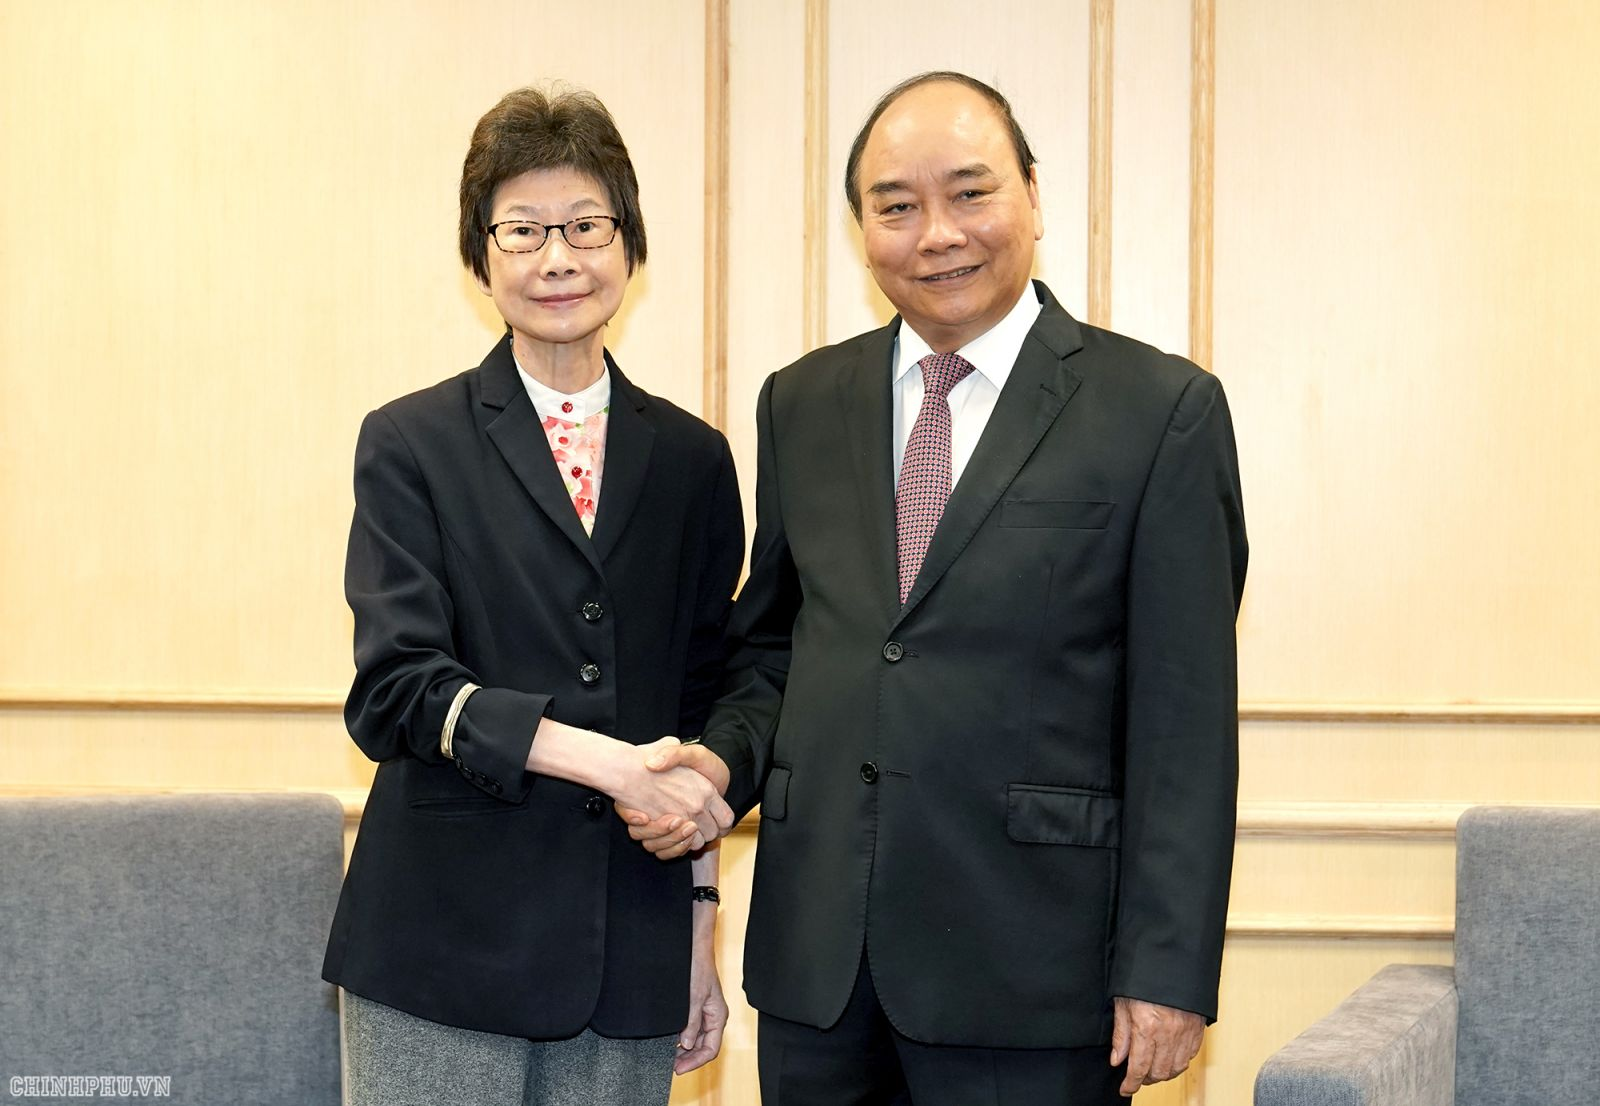 Thủ tướng tiếp bà Lee Ju Song - Giám đốc Khu vực Châu Á – Phòng Thương mại Quốc tế và Liên đoàn các Phòng Thương mại Thế giới (ICC). Ảnh: VGP/Quang Hiếu